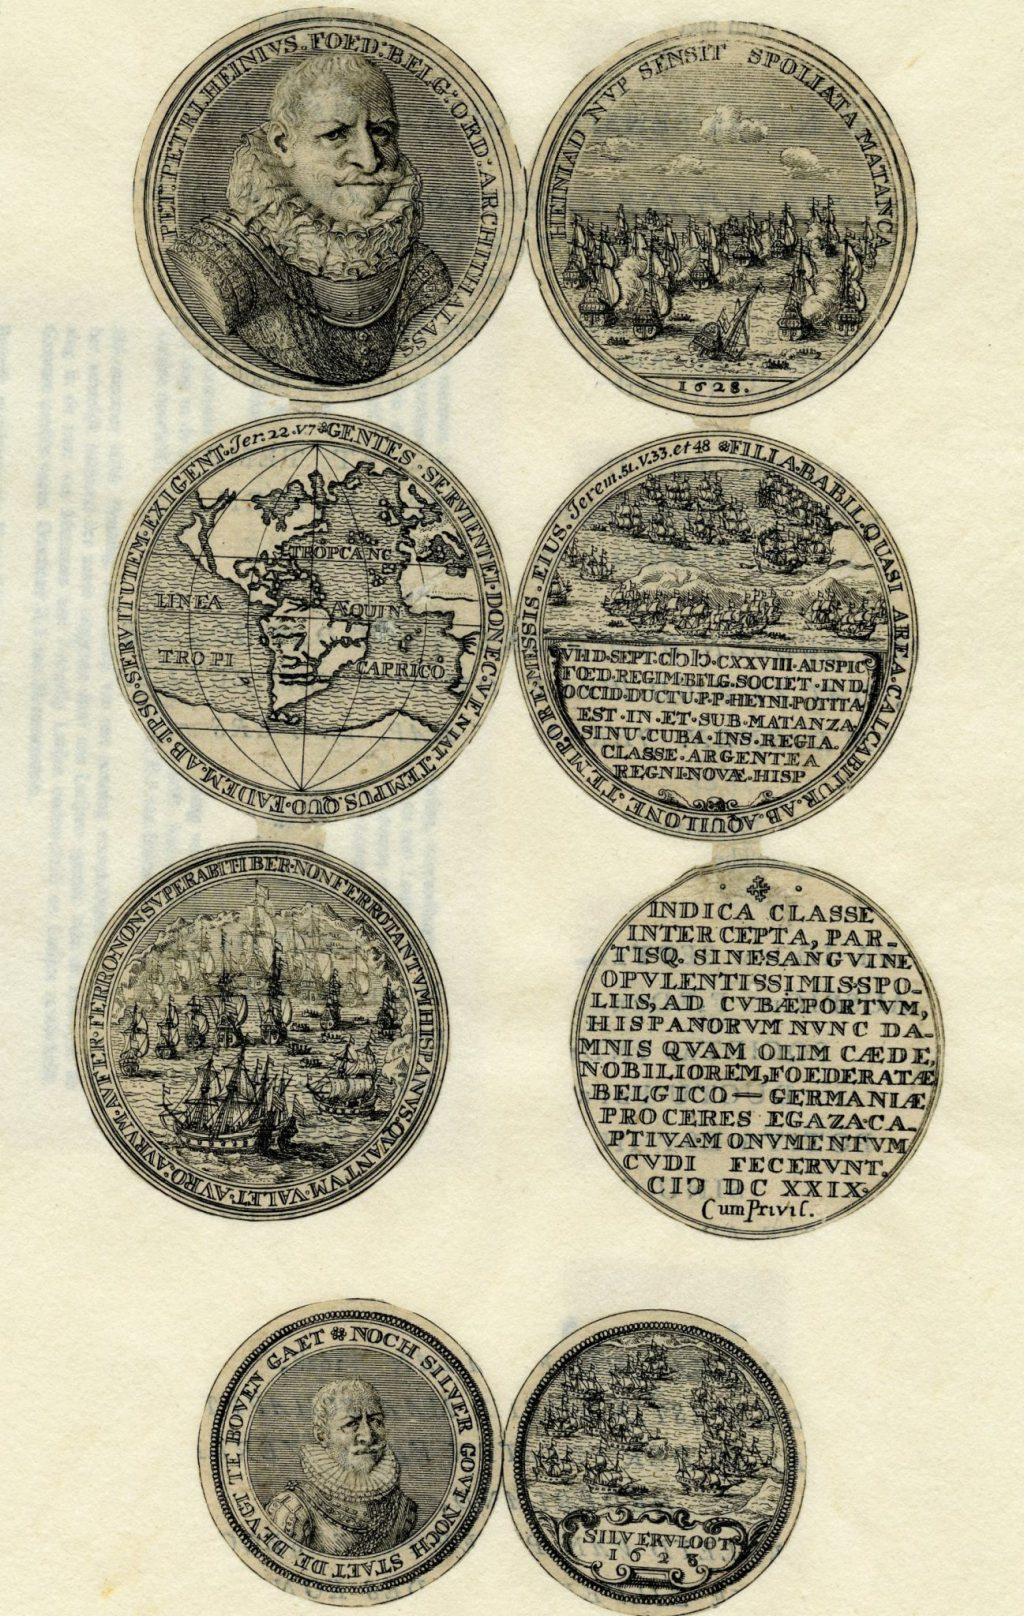 Gravure met penningen ter ere van Piet Hein door een anonieme kunstenaar, 17e eeuw (TMS 73969)